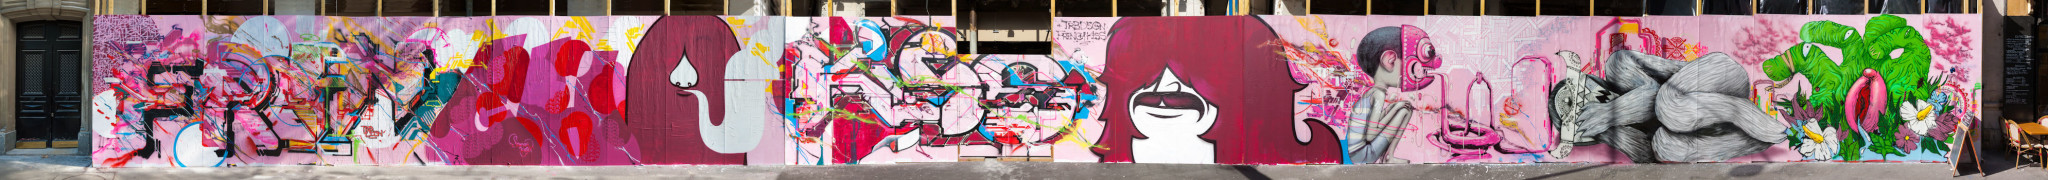 Œuvre Par Monsieur Hobz, Julien Seth Mailland, Lek, DEM189 à Paris